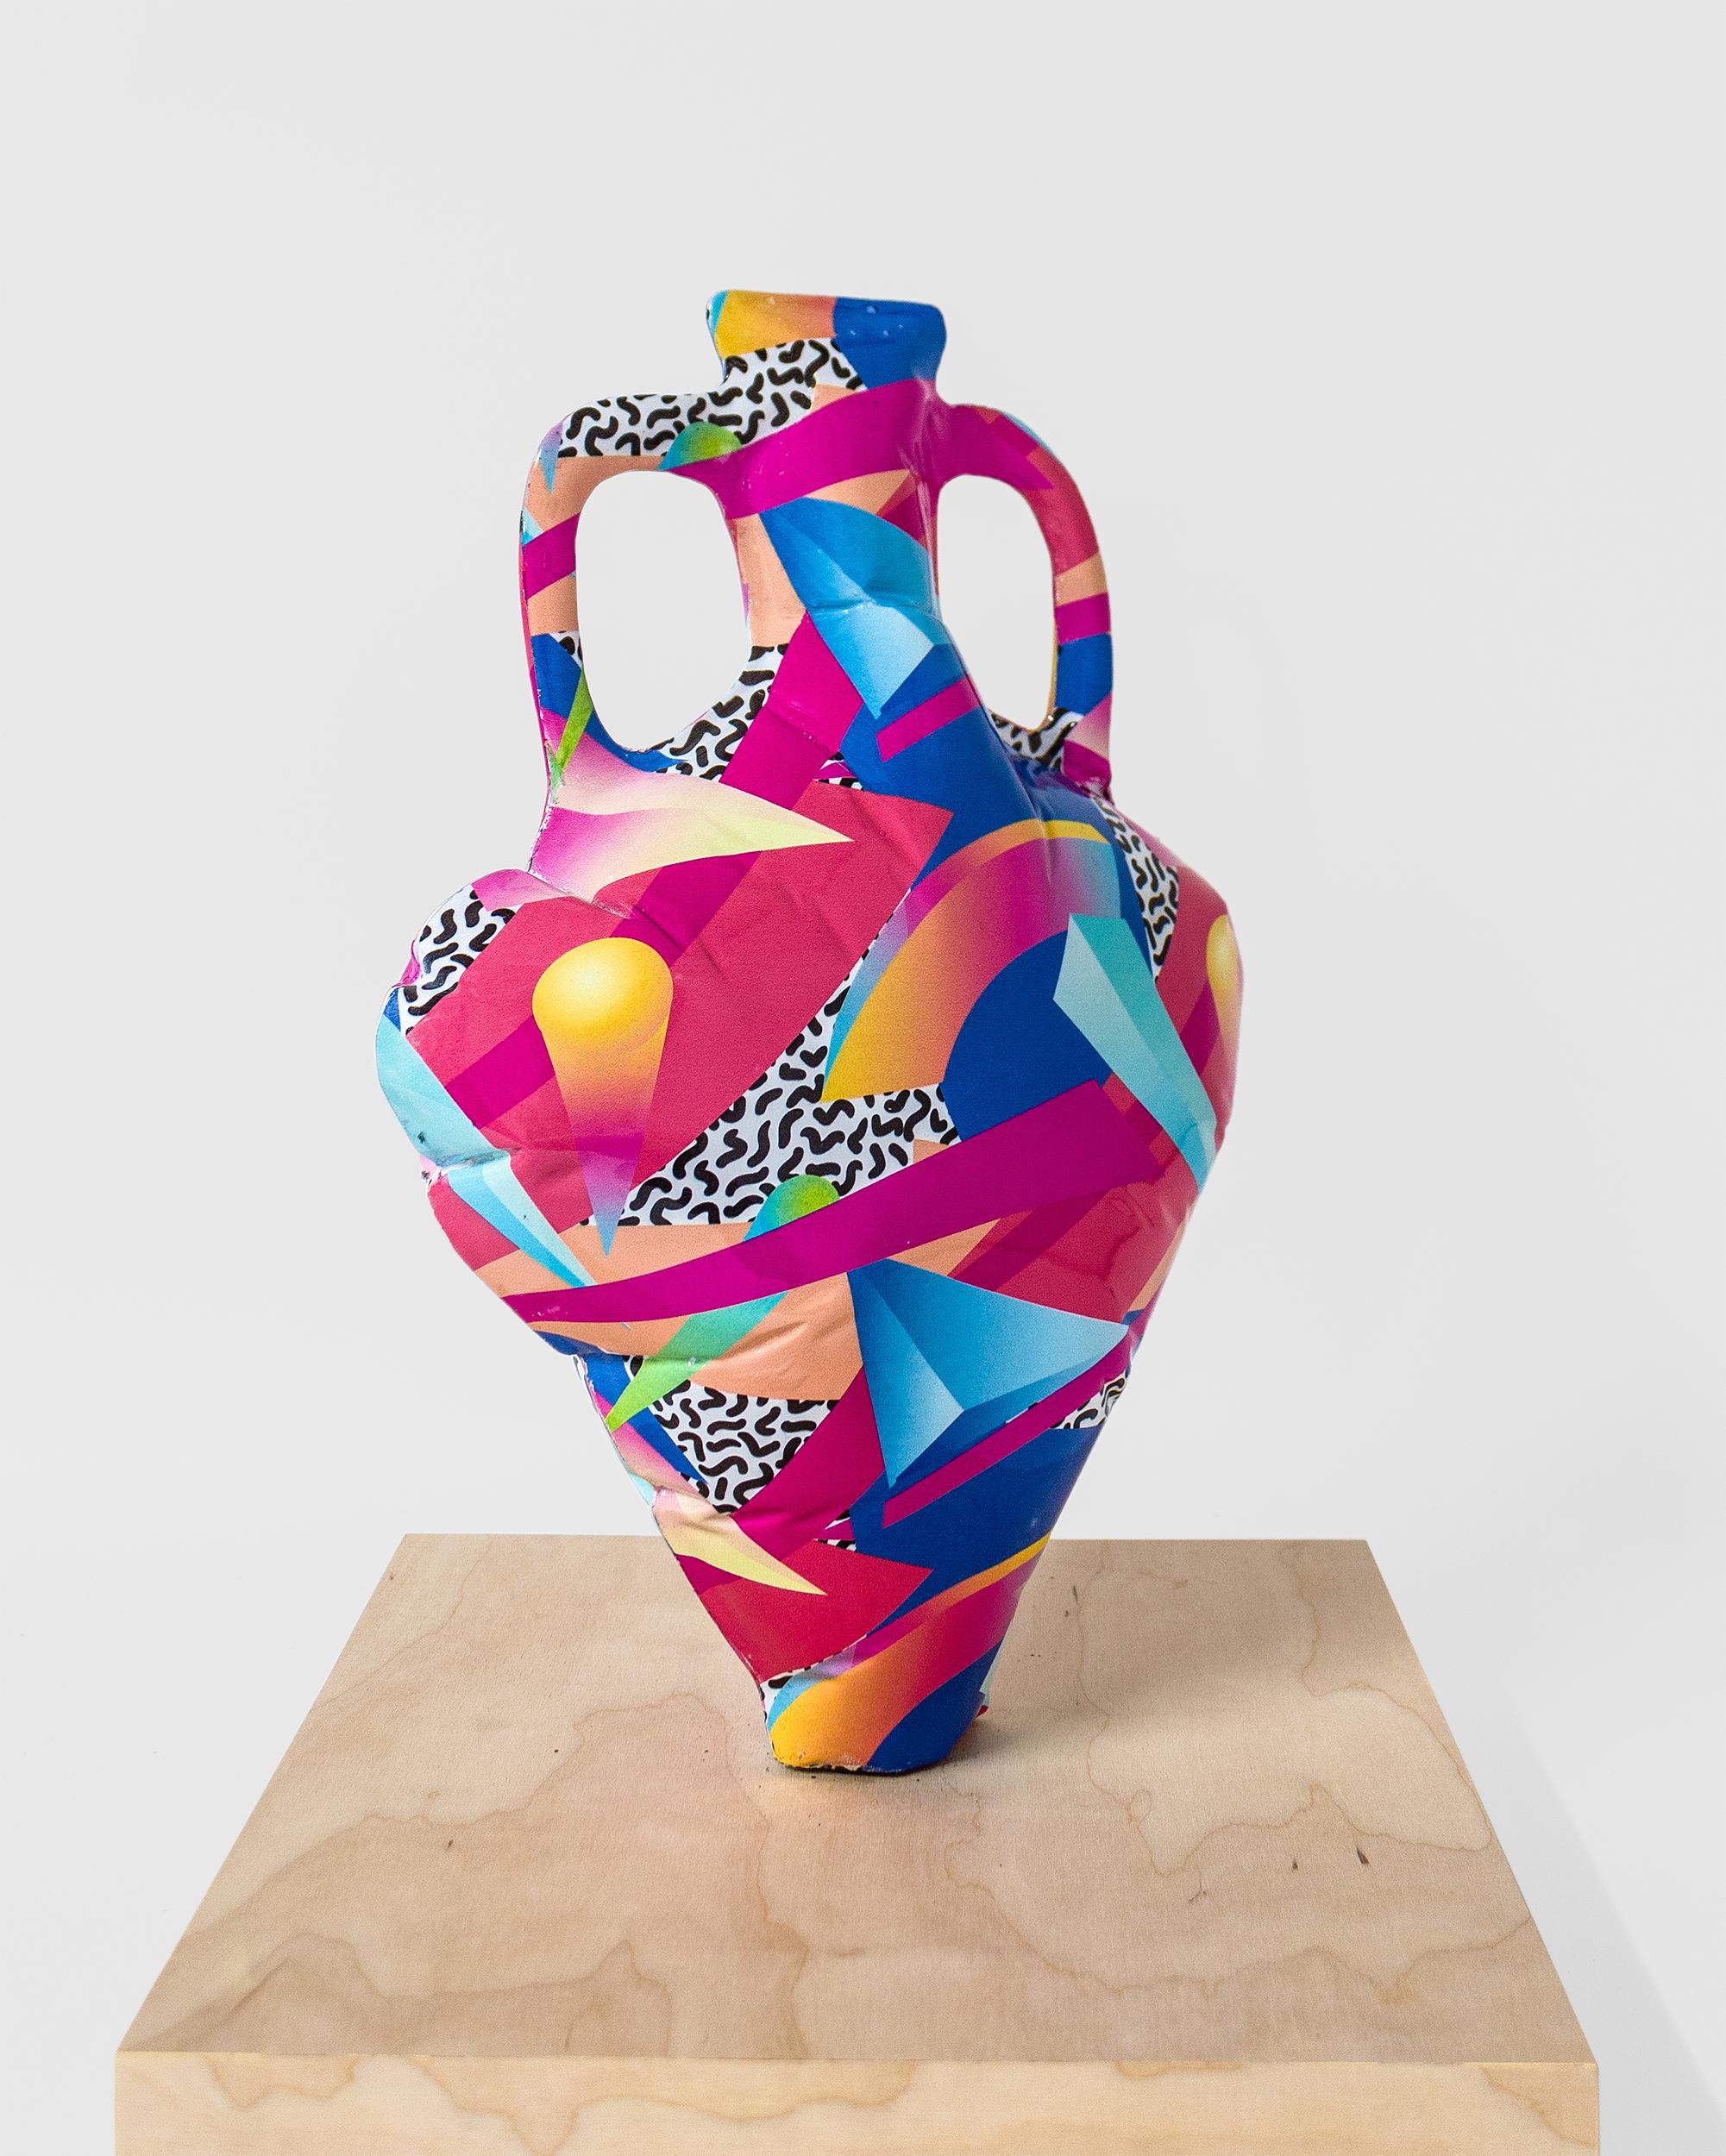 AdamParkerSmith_Sculpture6_Side2.jpg